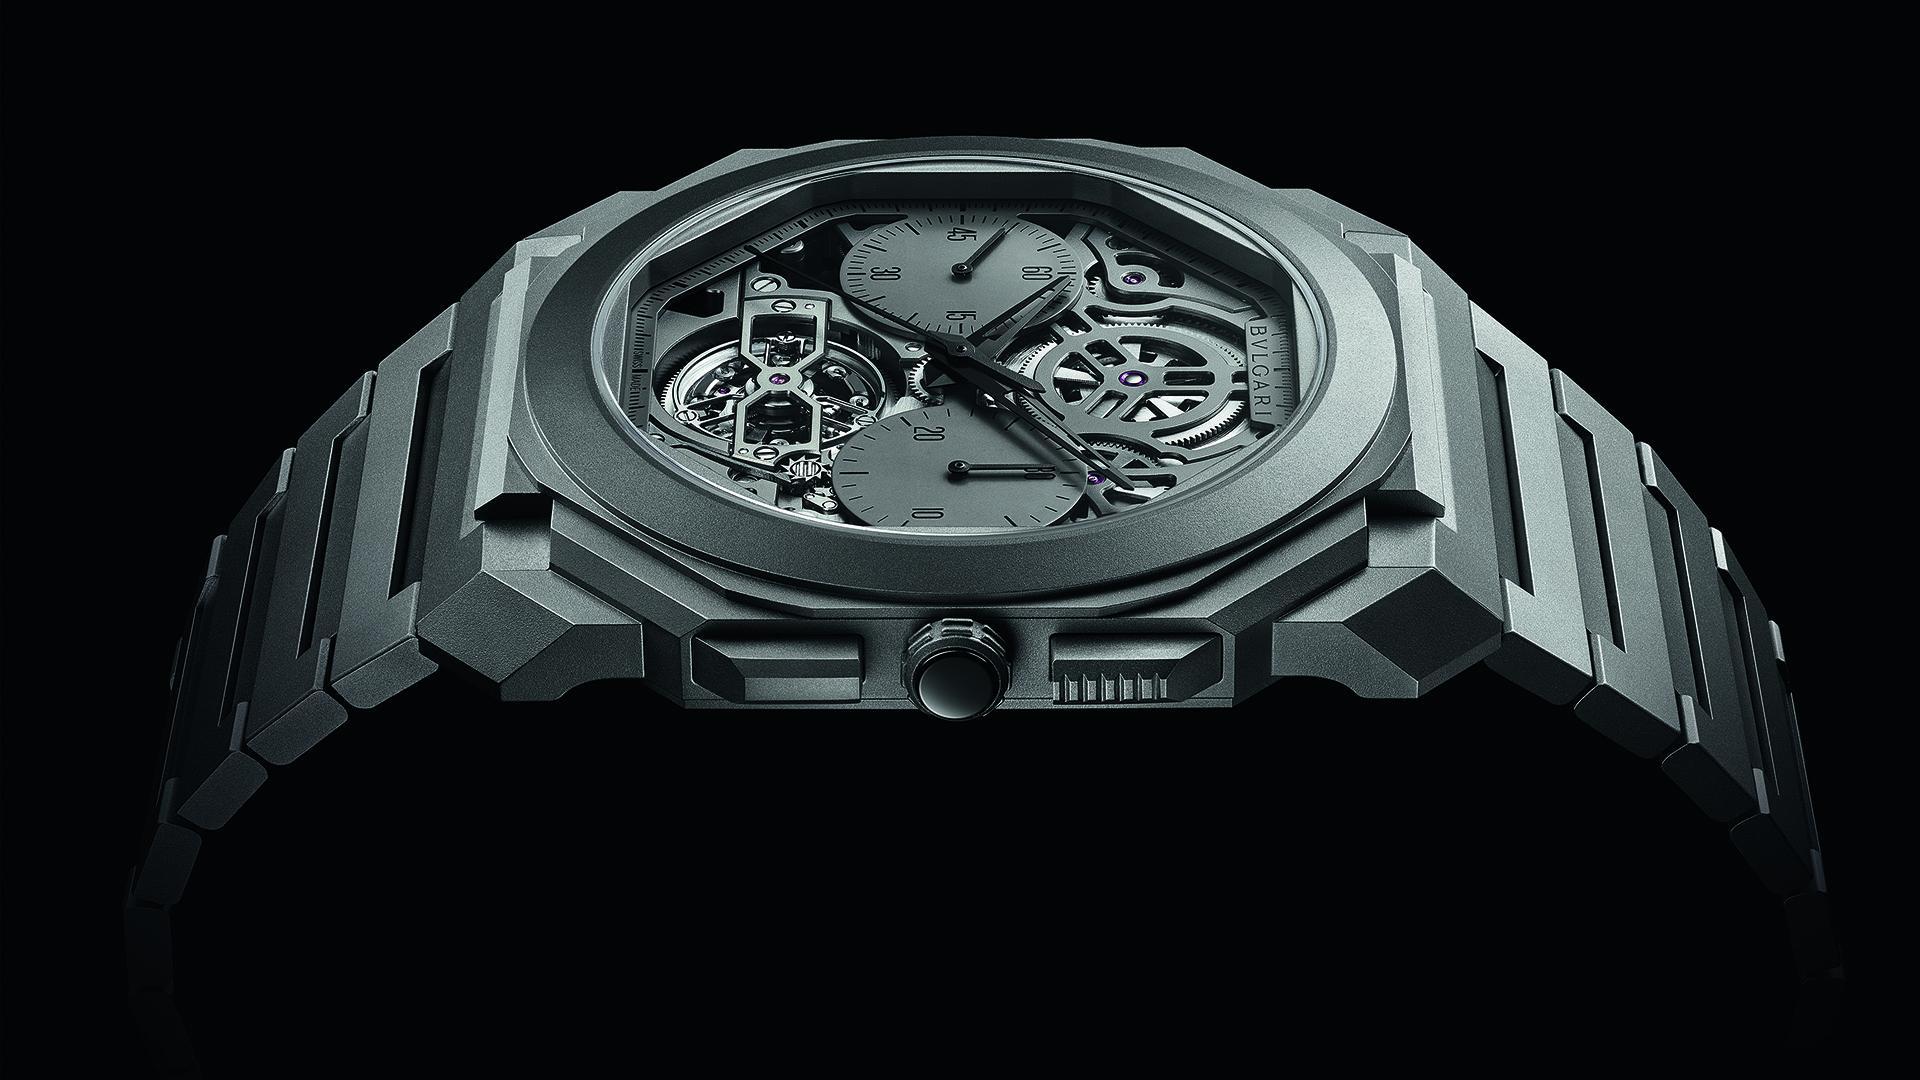 Bulgari Octo Finissimo Tourbillon Chronograph Skeleton Automatic watch